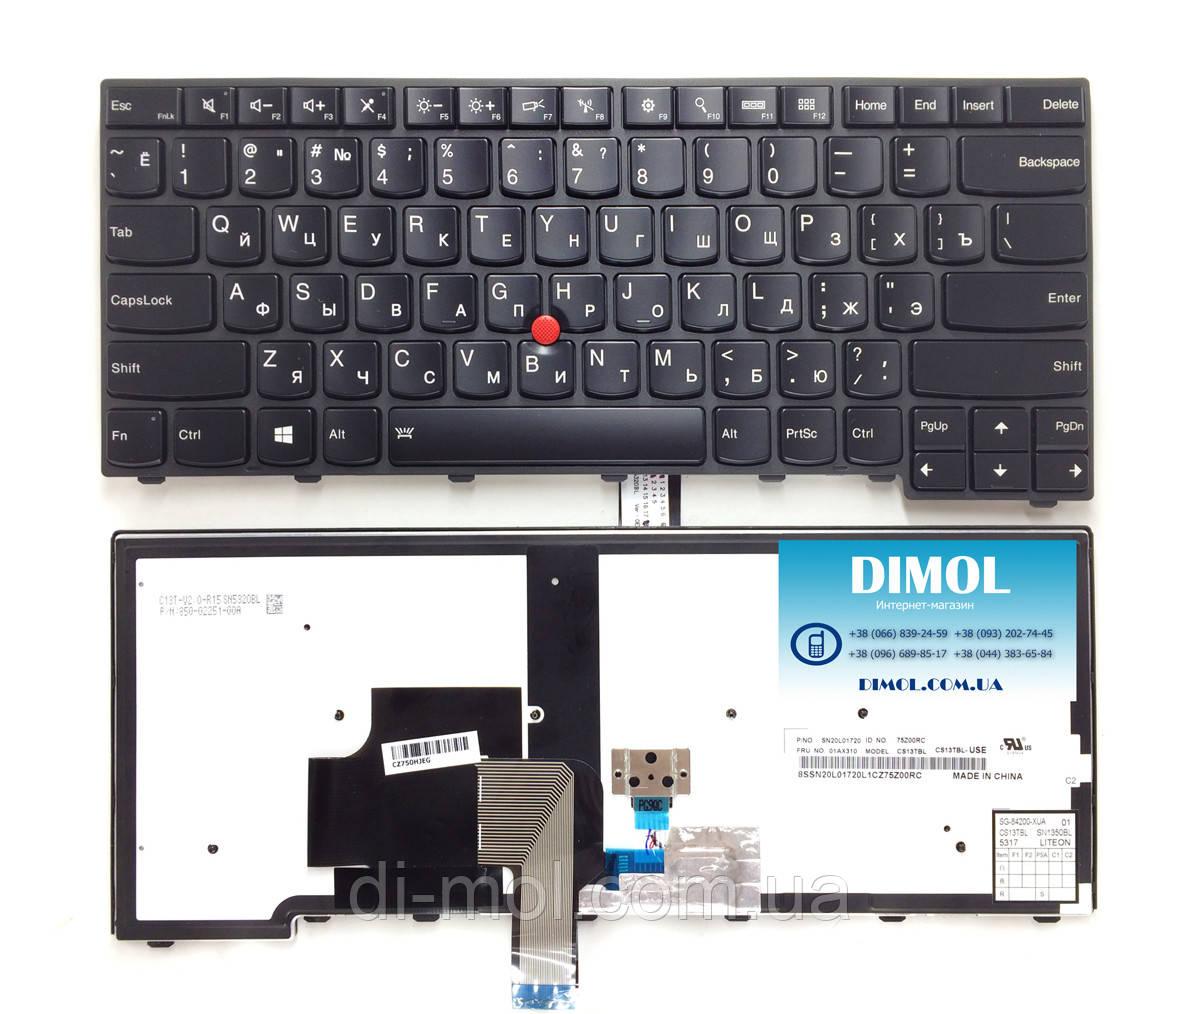 Оригинальная клавиатура для Lenovo ThinkPad T440, T440p, T440s, T460 series, ru, black, подсветка